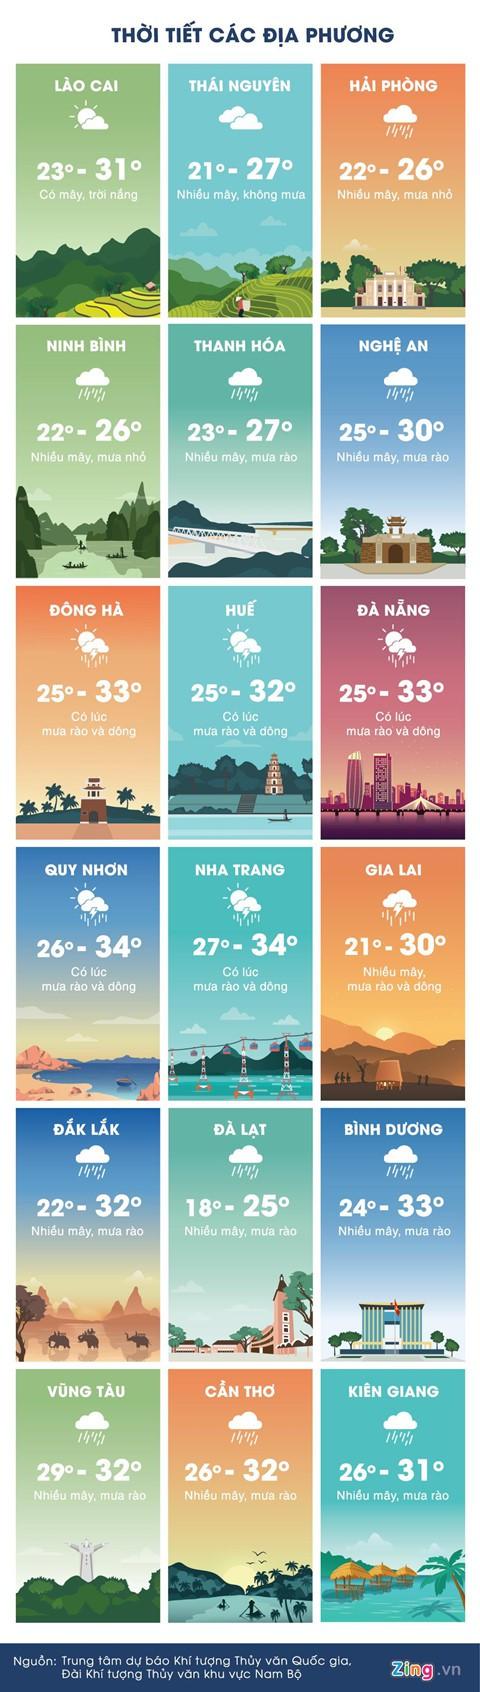 Thời tiết ngày 10/5: Sài Gòn, Đà Nẵng mưa dông rải rác - Ảnh 3.